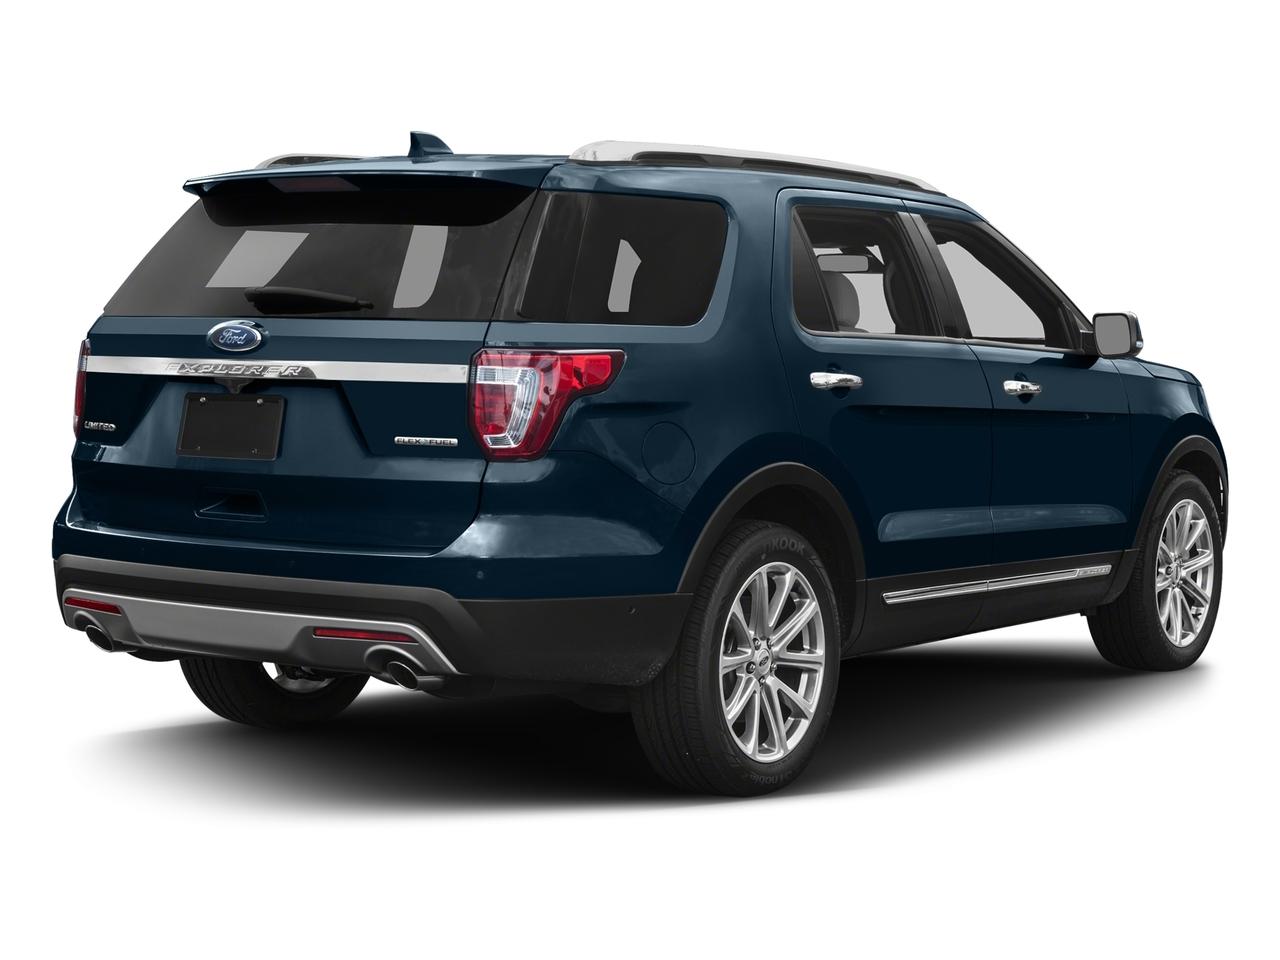 2017 Ford Explorer LIMITED SUV Slide